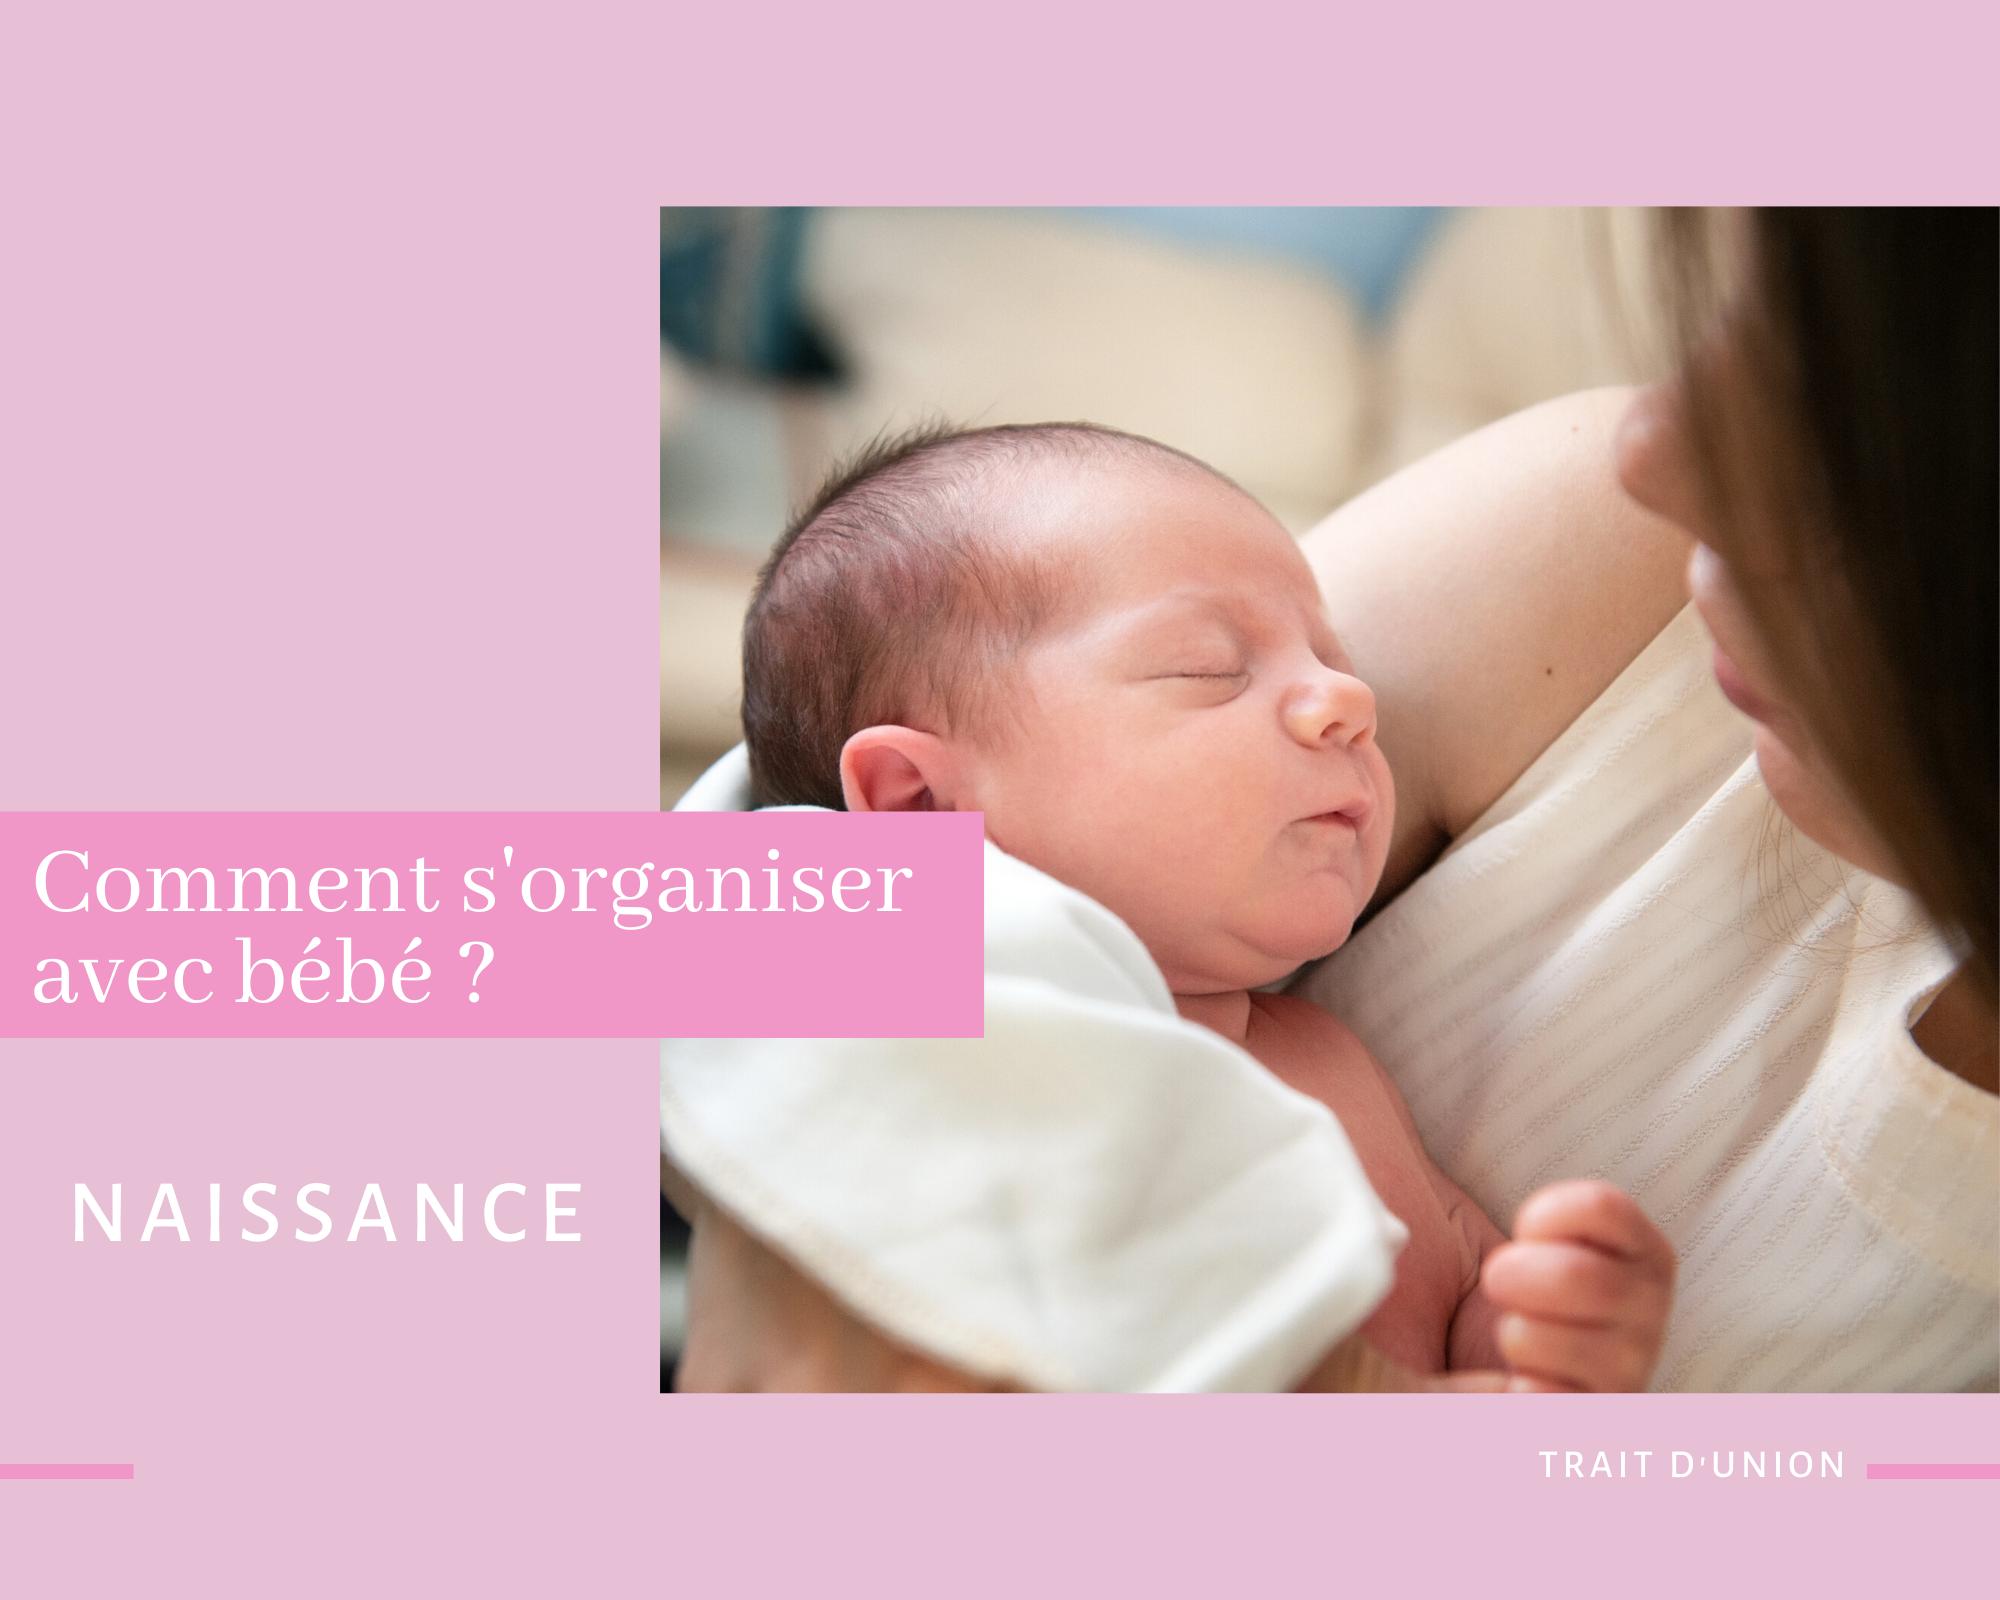 comment s'organiser avec bébé